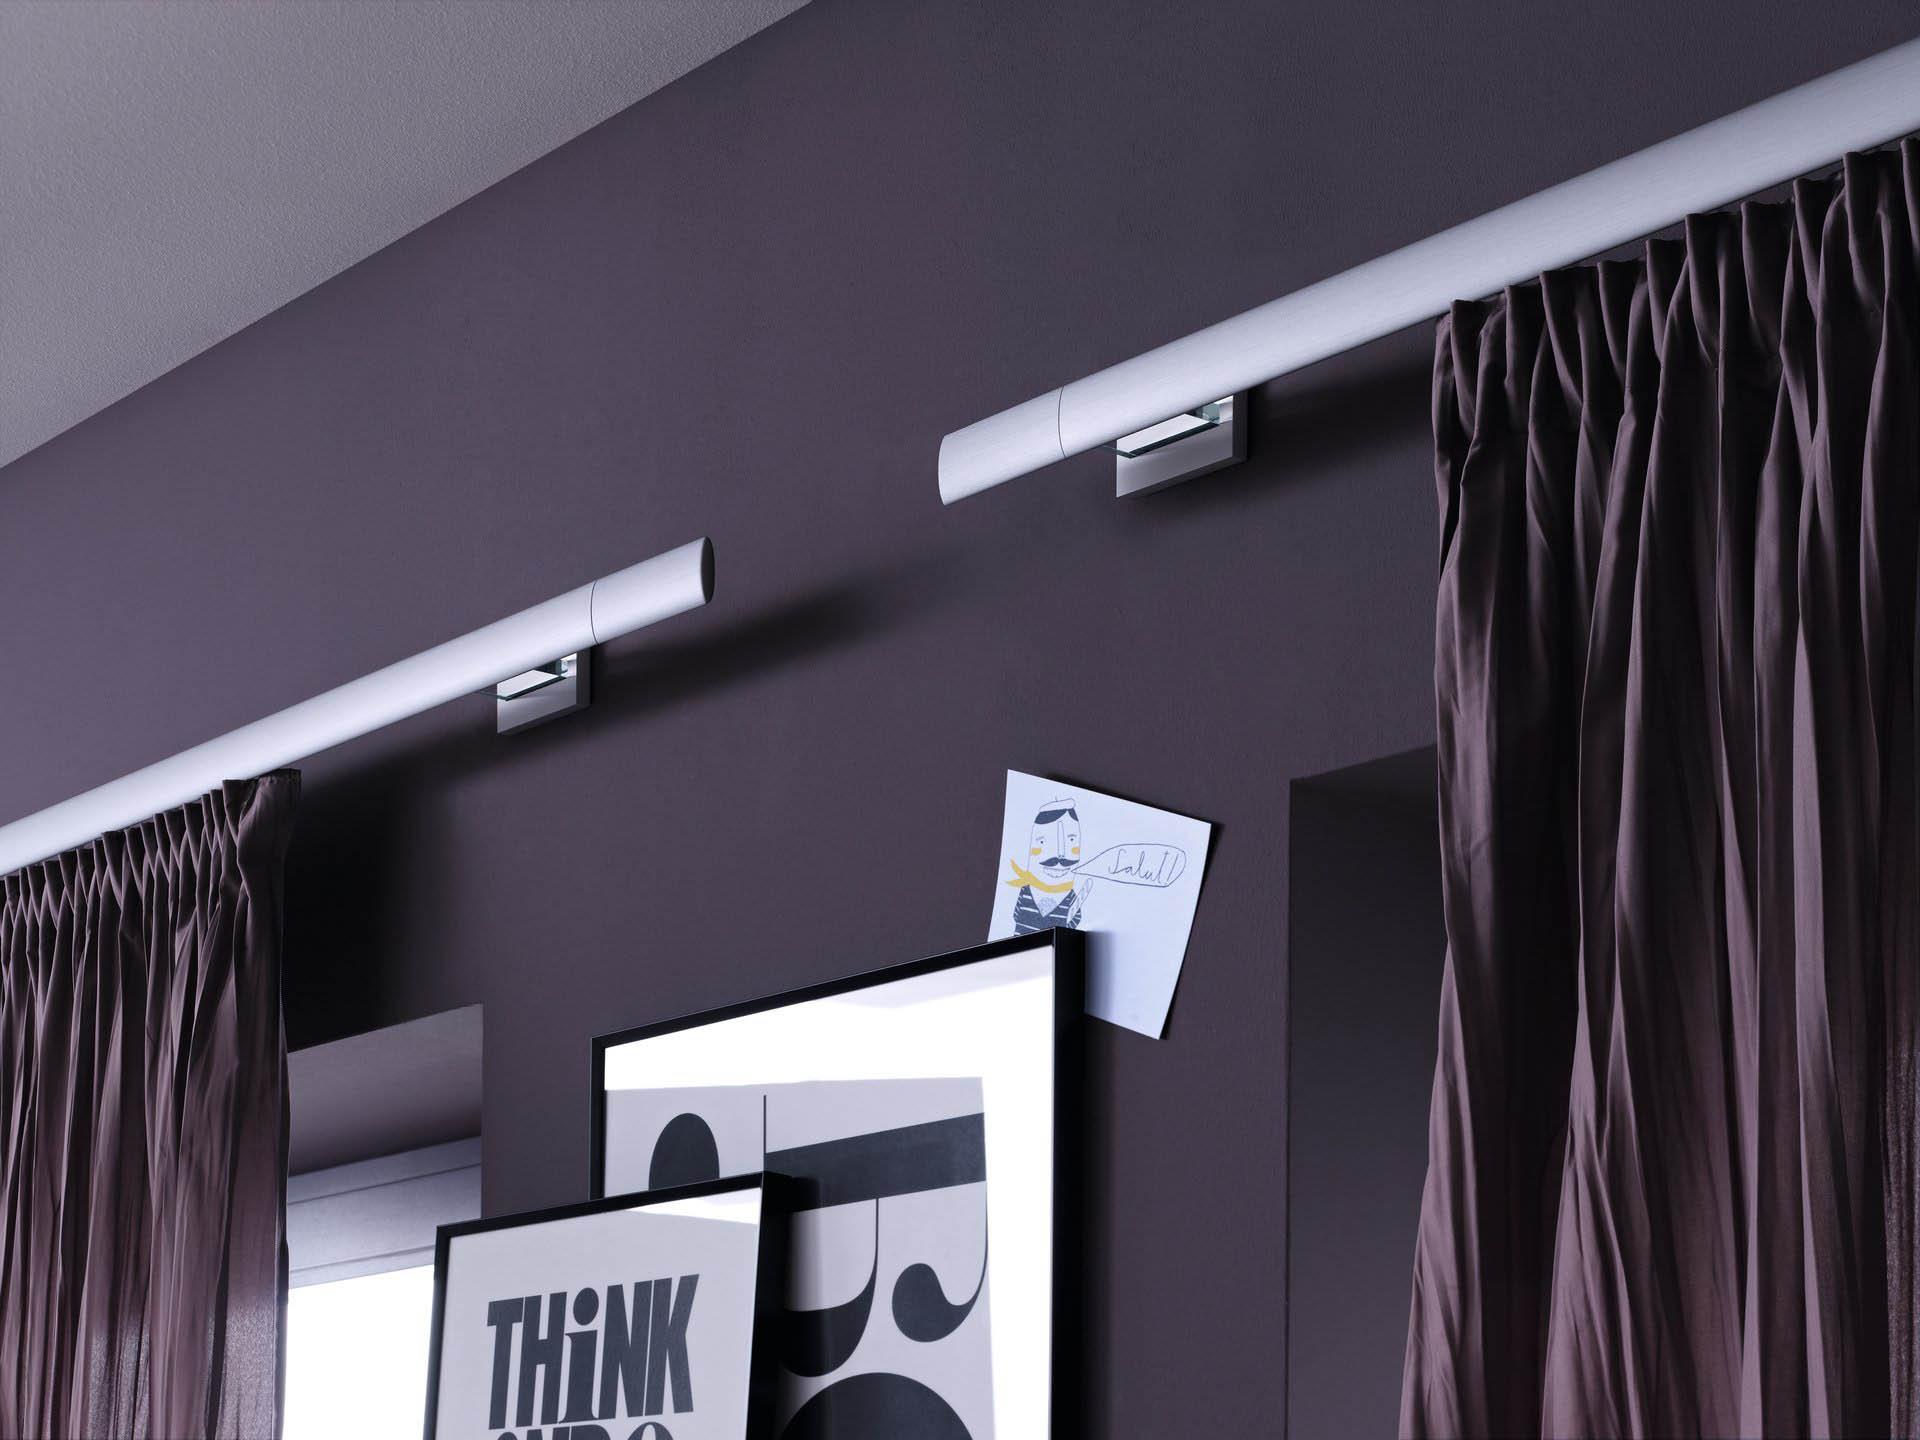 алюминиевые карнизы для штор фото варианты